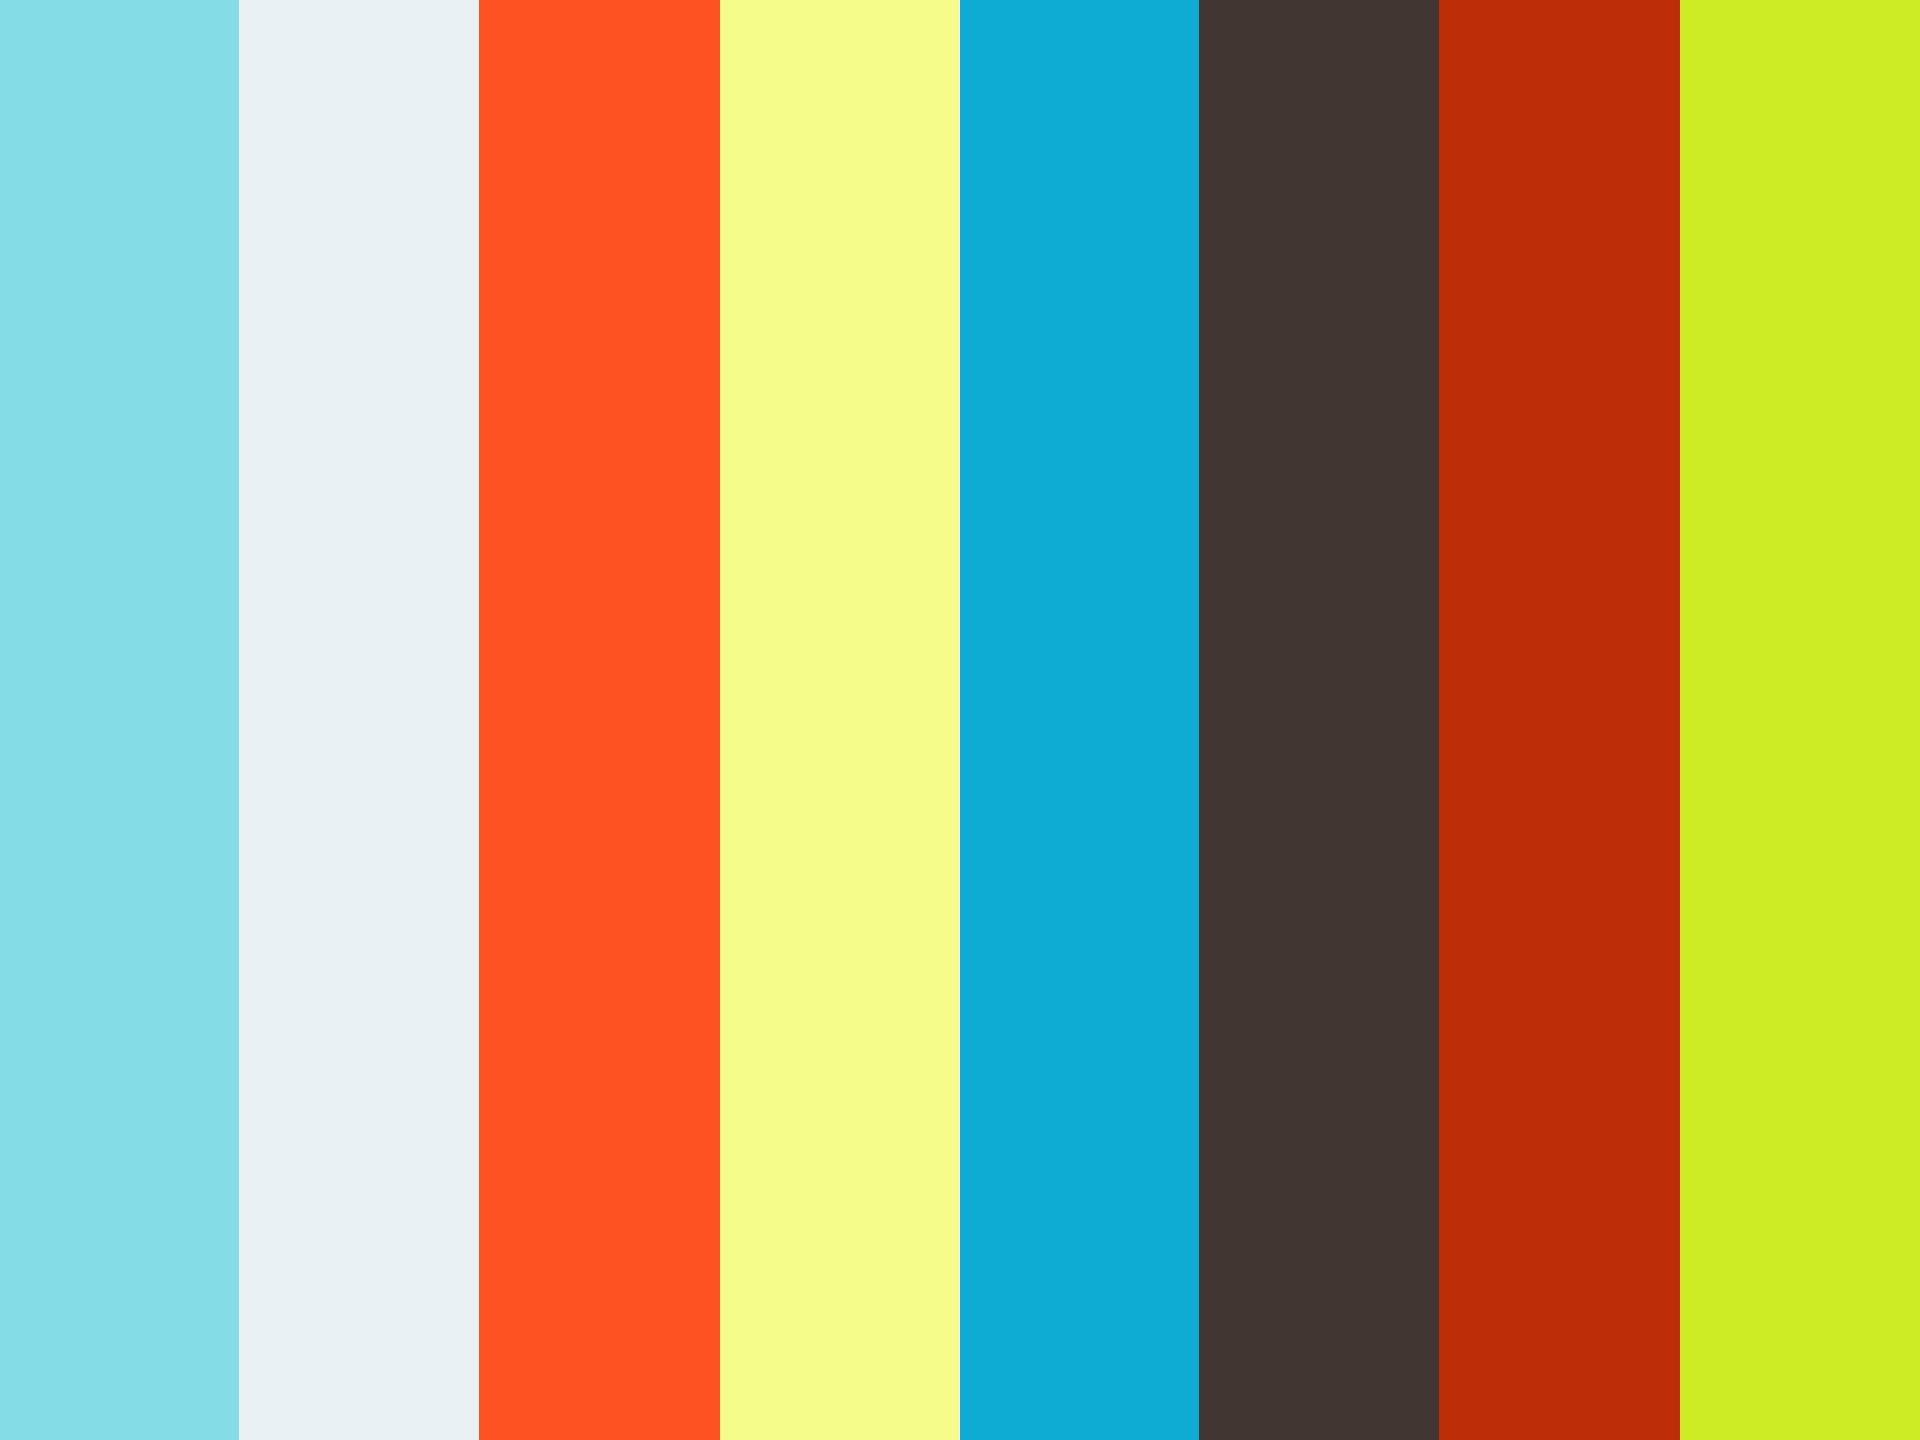 https://i.vimeocdn.com/filter/overlay?src0=https%3A%2F%2Fi.vimeocdn.com%2Fvideo%2F604714838_1280x720.jpg